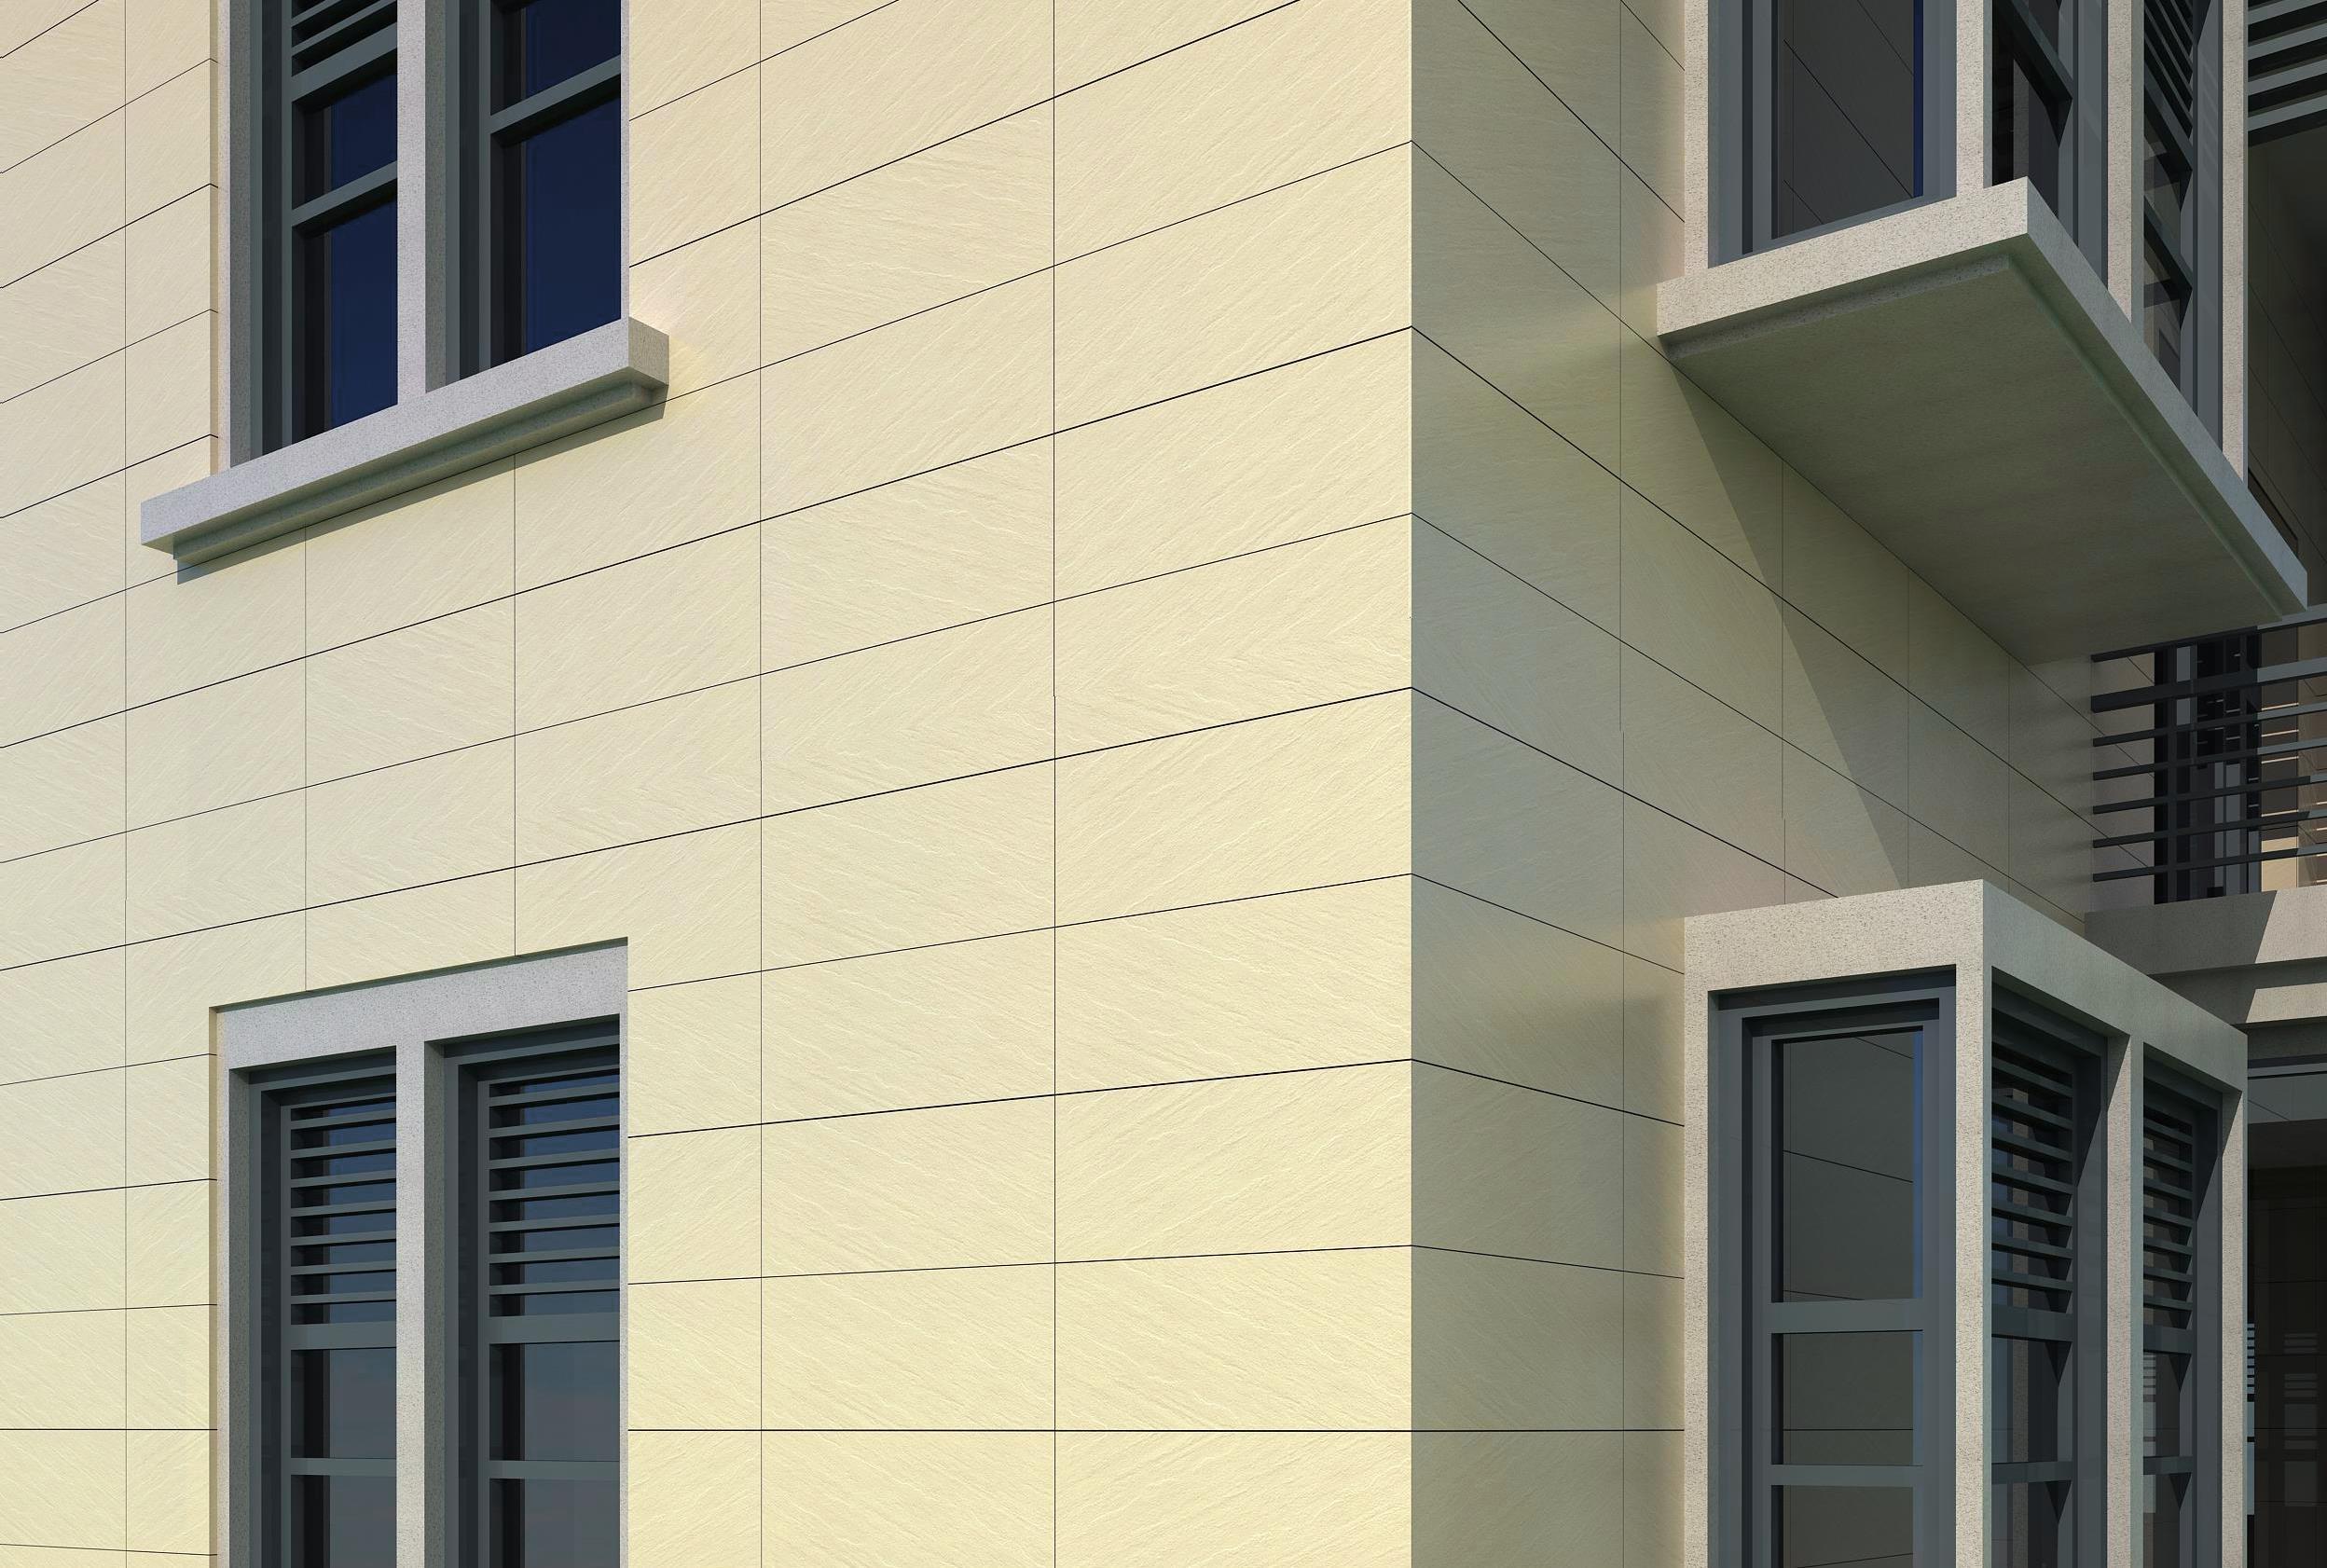 外墻通體磚日常如何施工呢?施工有哪些注意事項